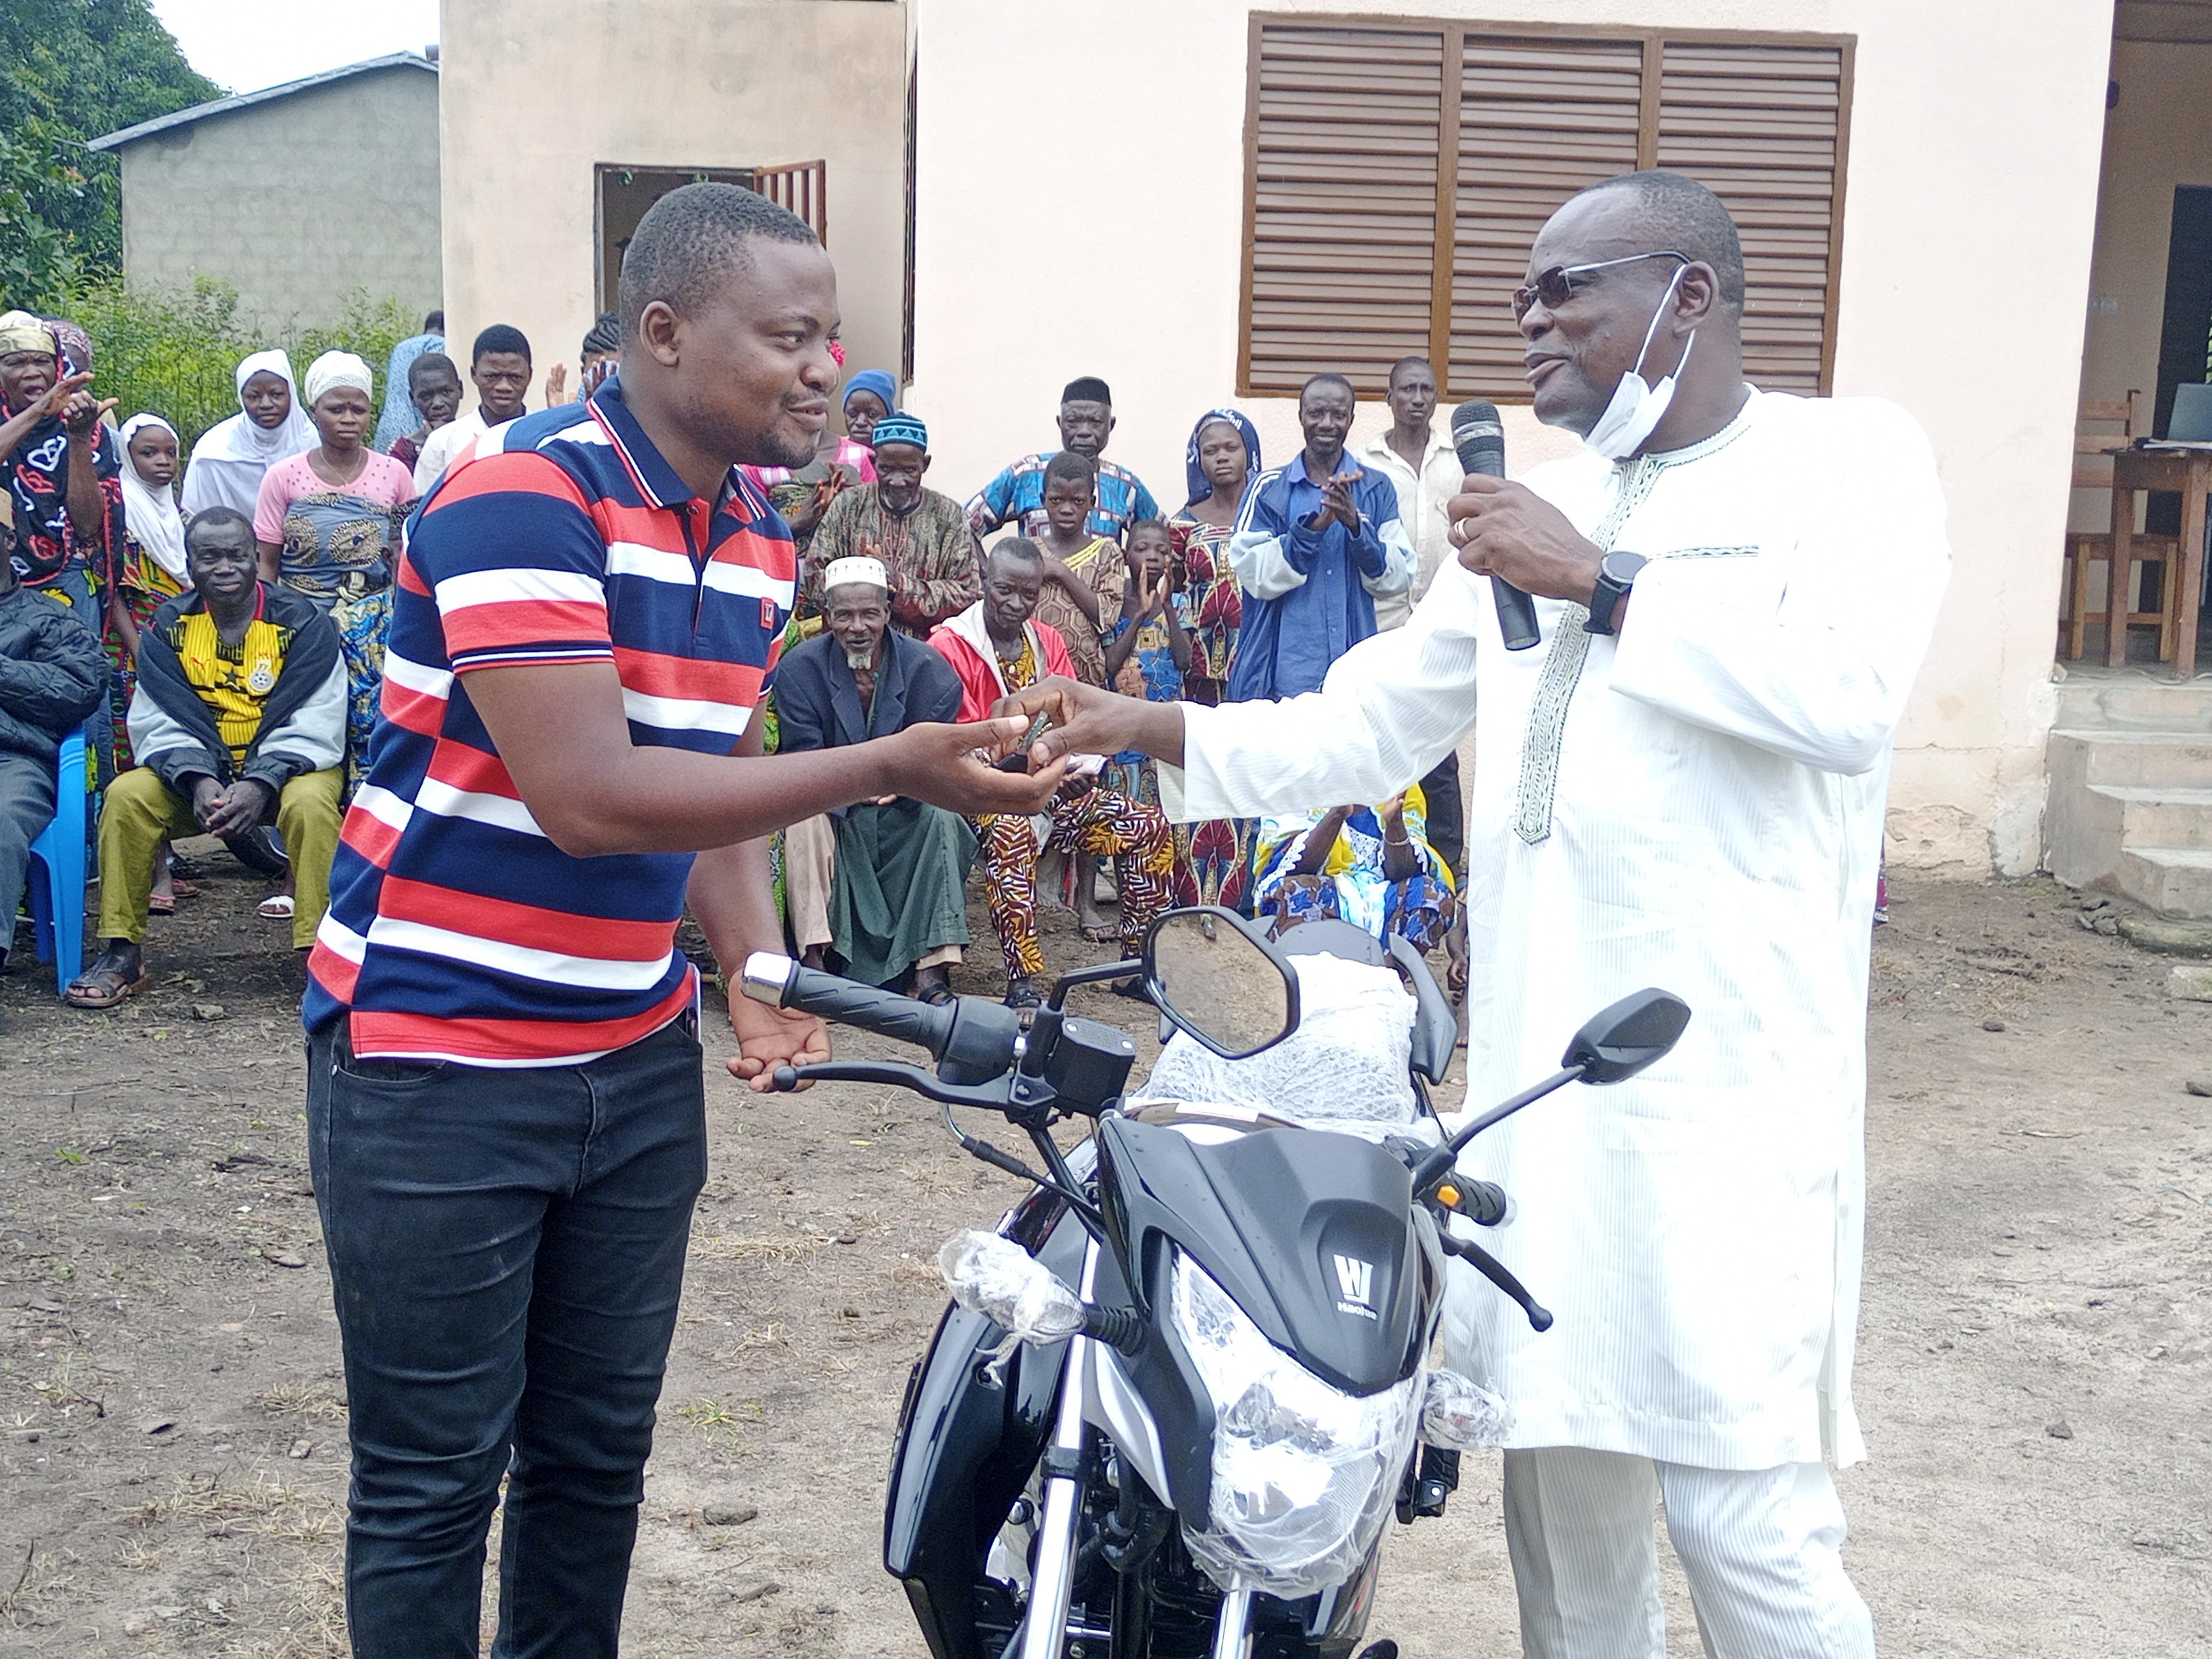 Médicalisation des zones rurales: le centre médical communautaire de Kakara inauguré ce mercredi 18 août 2021 en présence du Maire Daouda Saka Méré